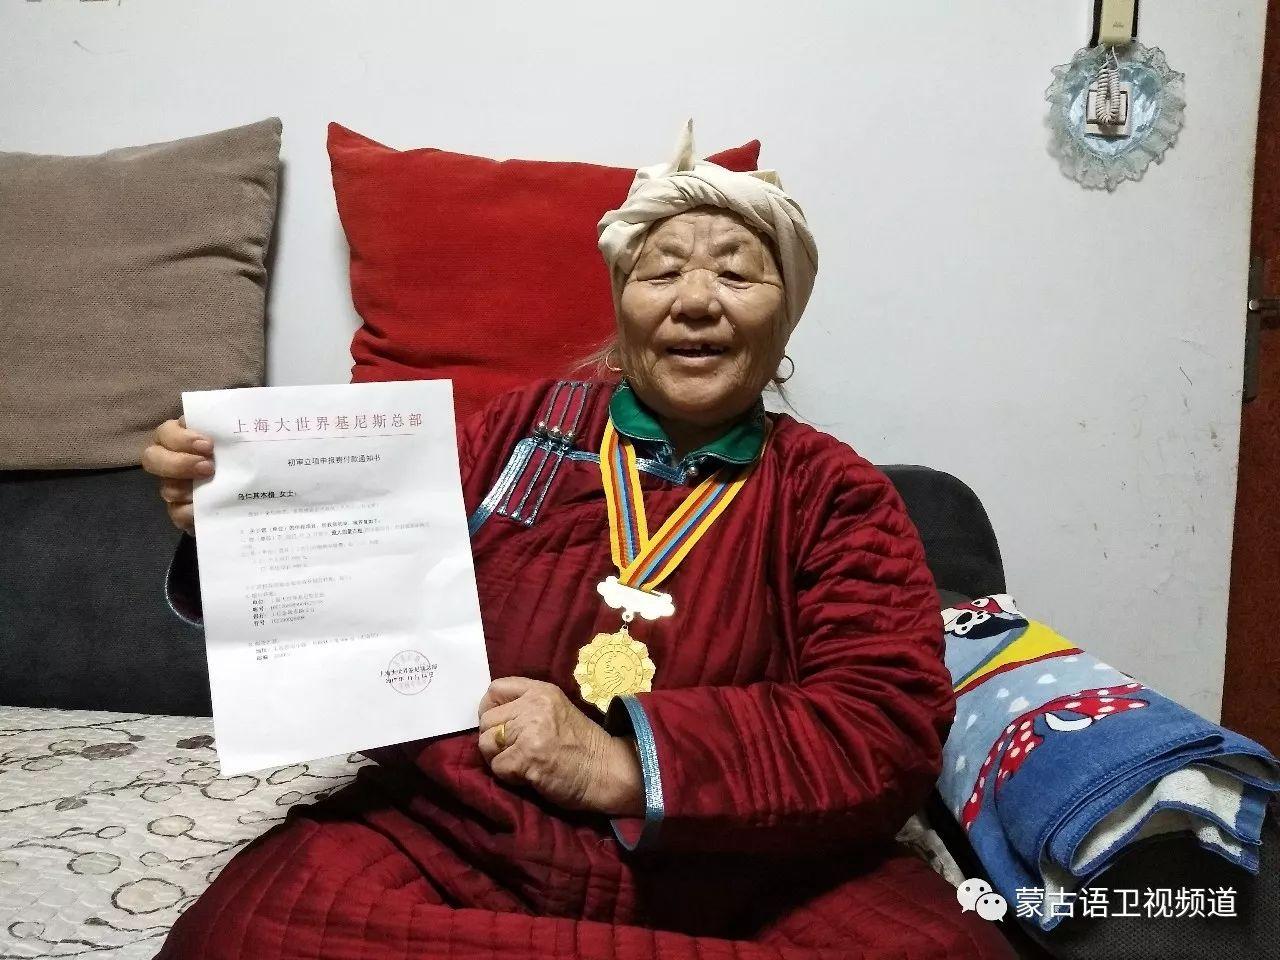 巴尔虎传统蒙古袍即将开启创世界吉尼斯纪录之旅 第2张